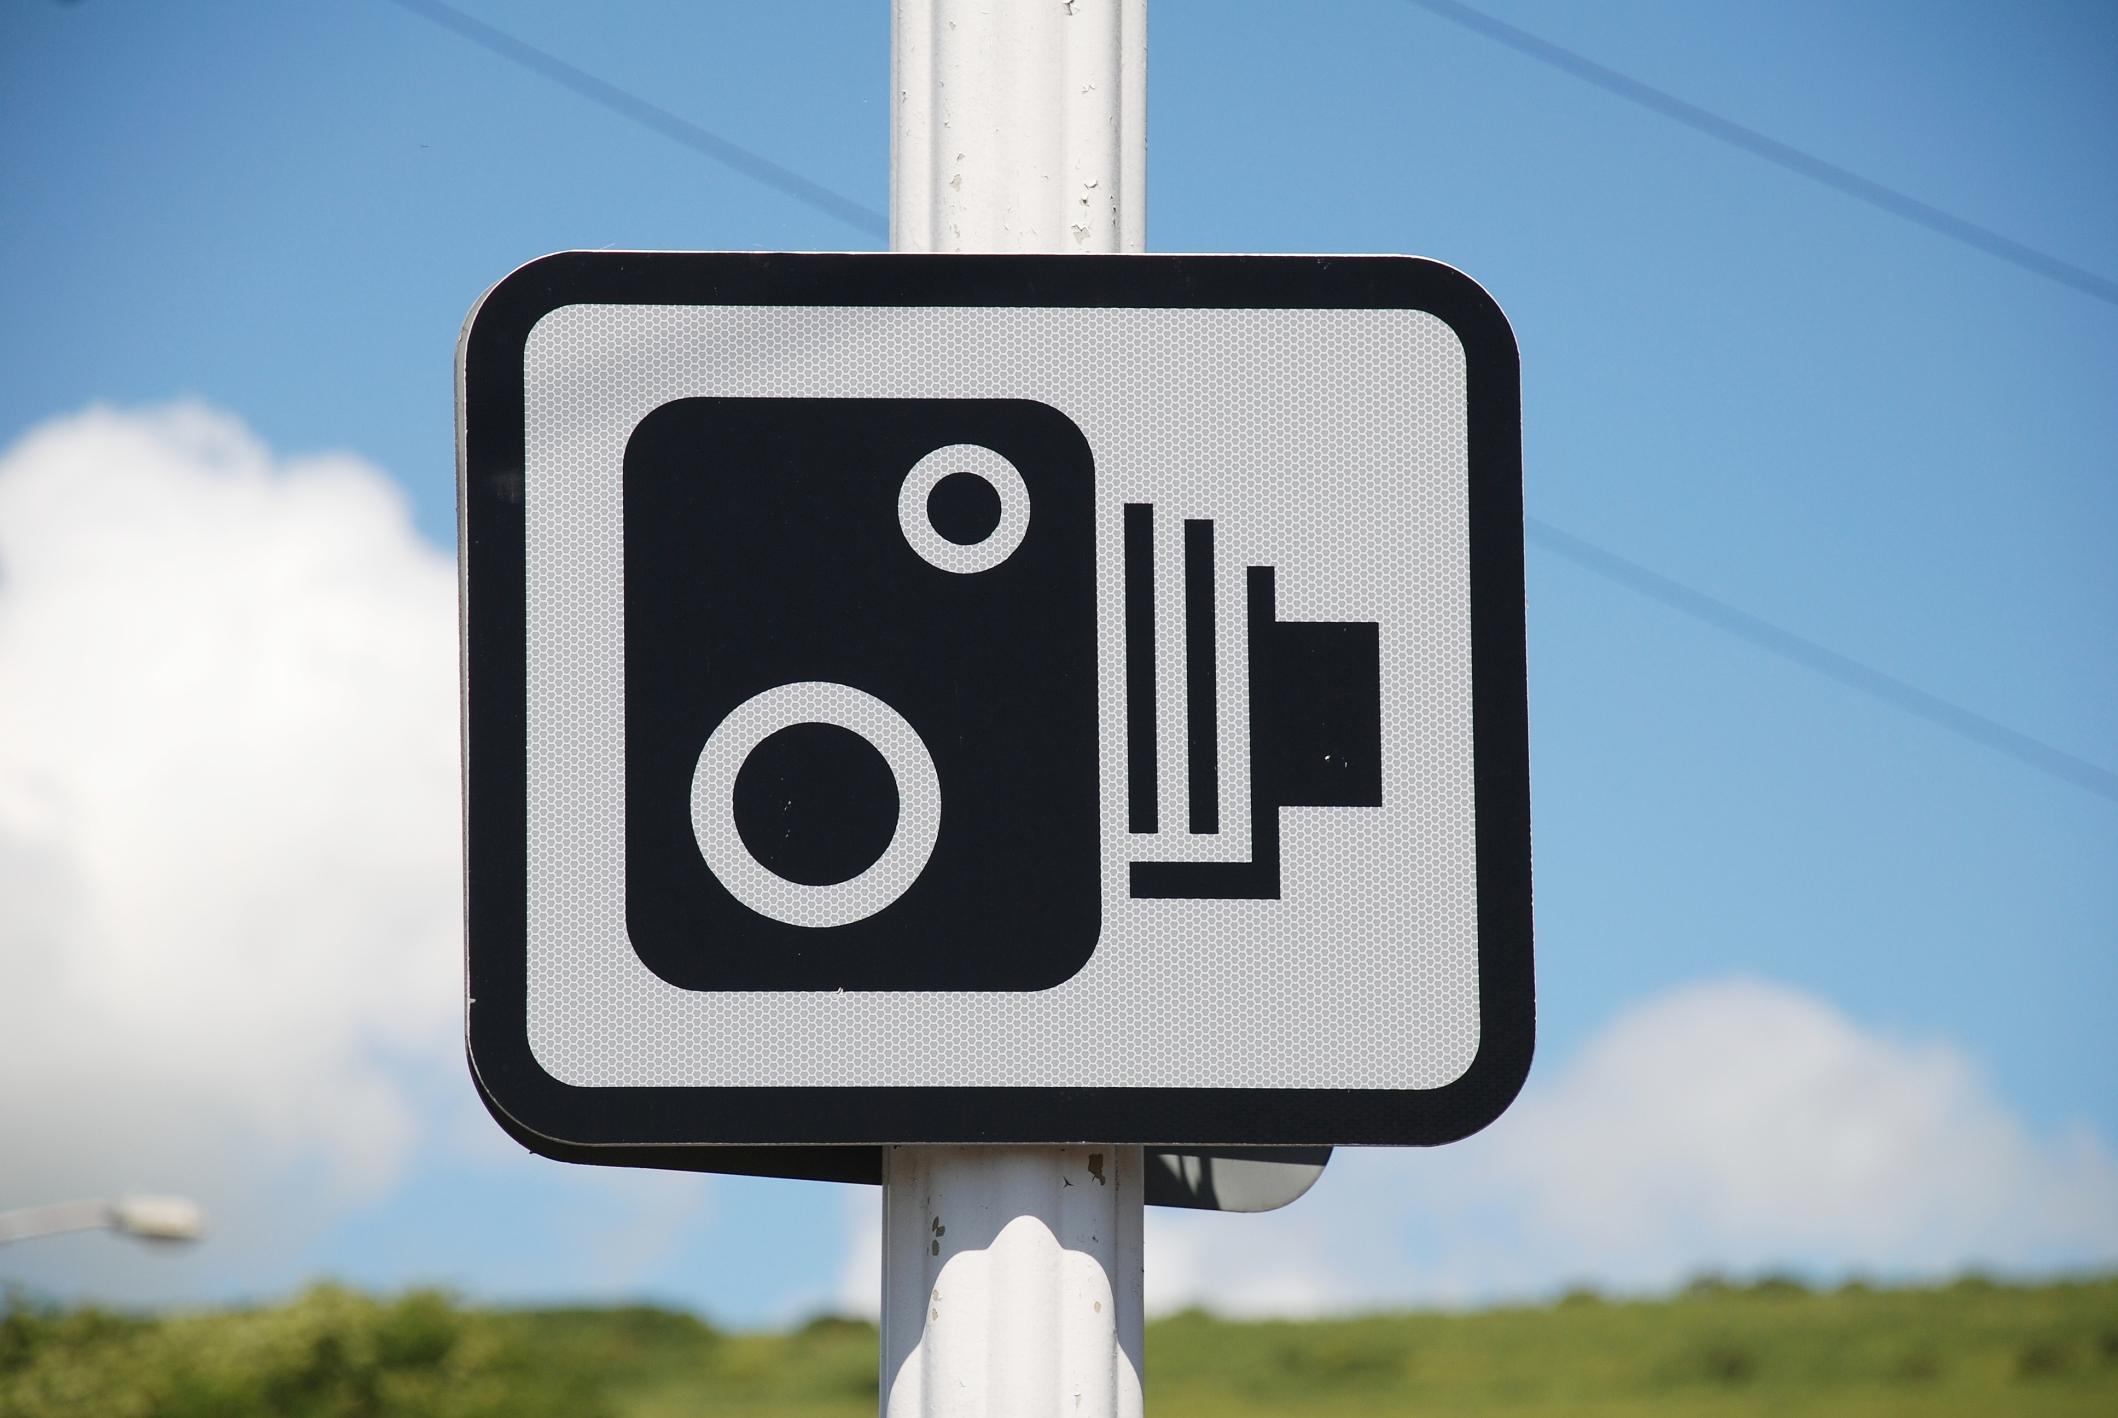 можно ли фиксировать нарушения пдд на обычную камеру отягощенный